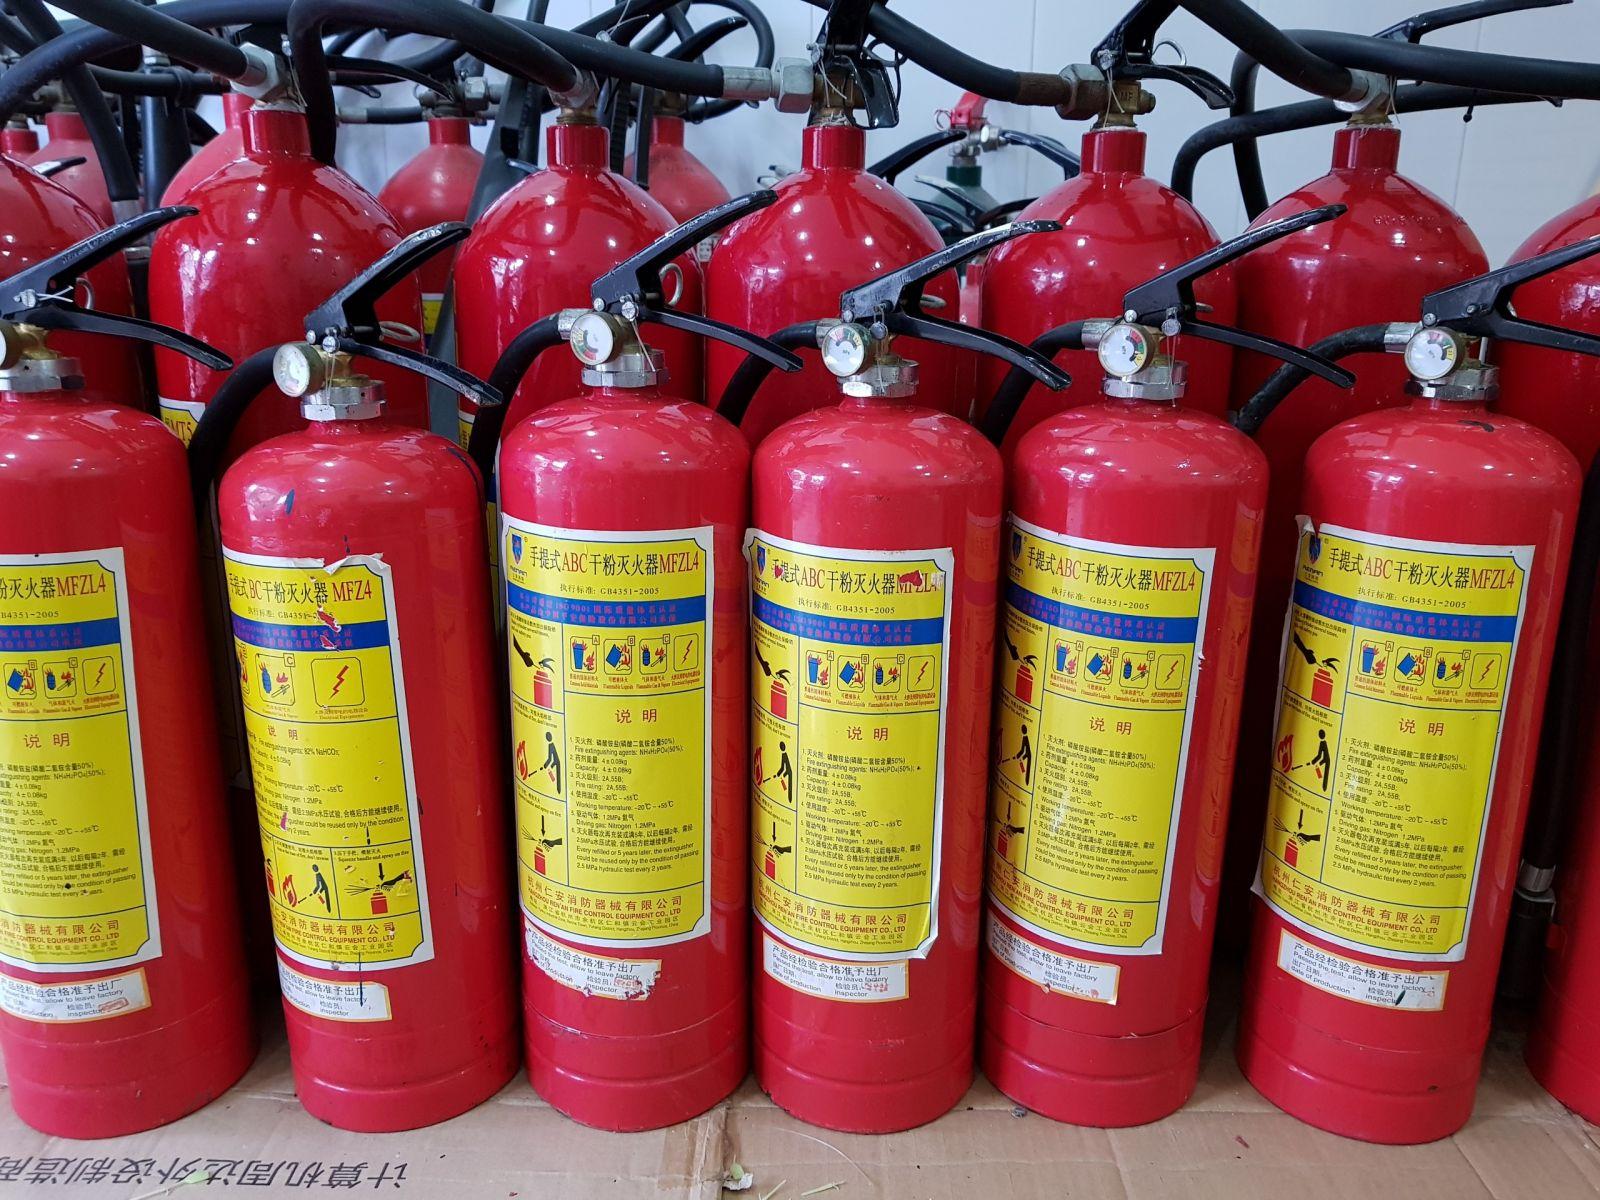 thông tư 52 về nạp sạc bình chữa cháy